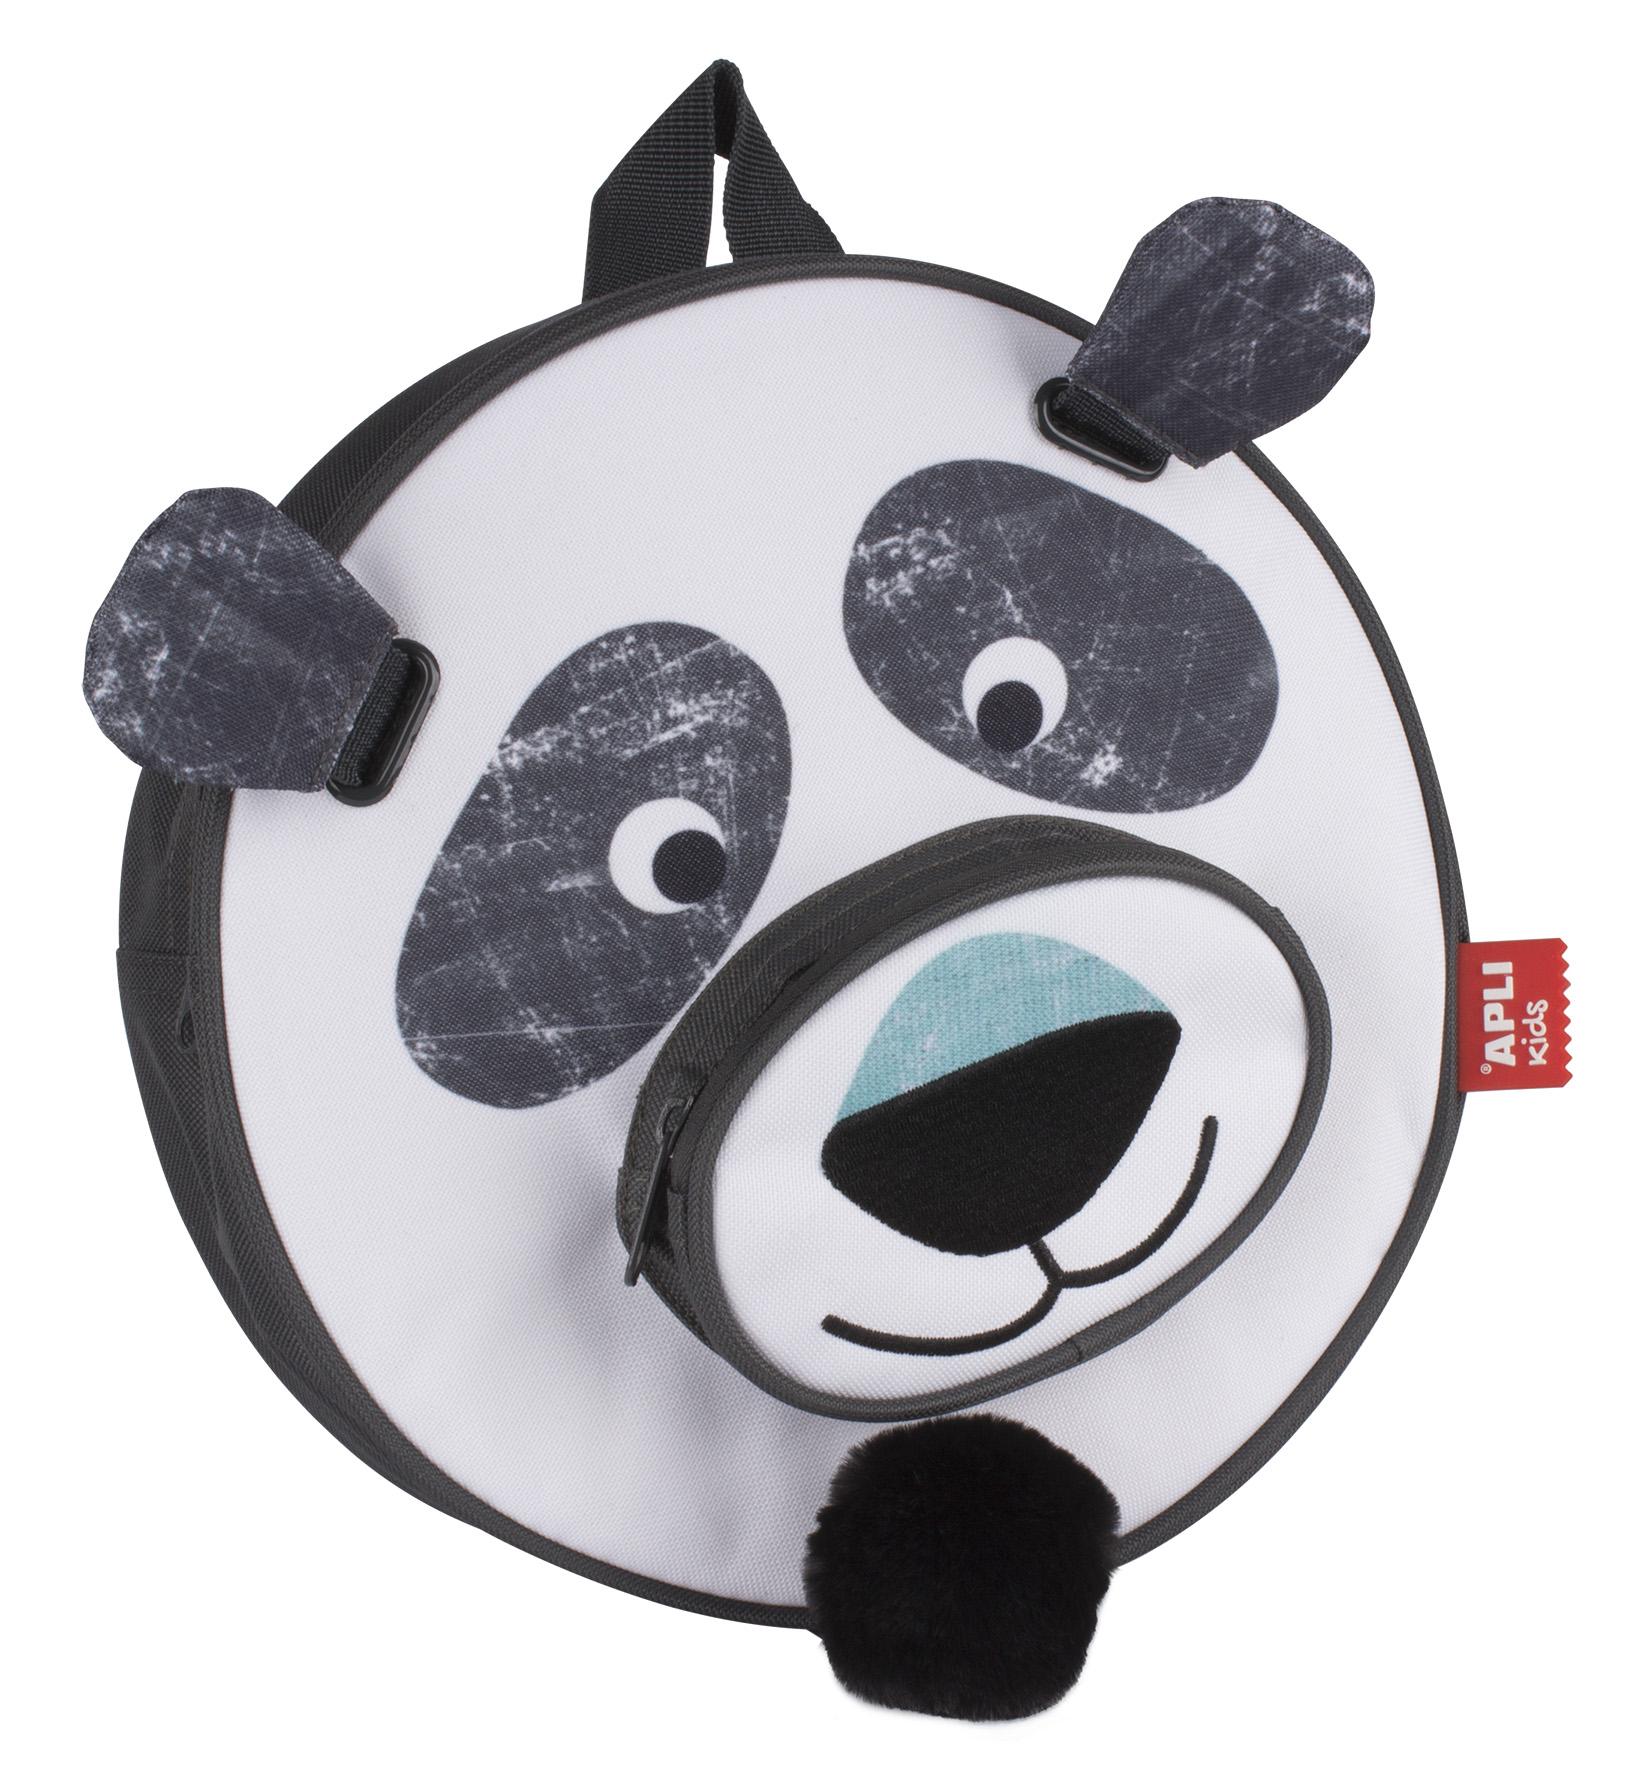 Rucsac în formă de urs panda imagine edituradiana.ro